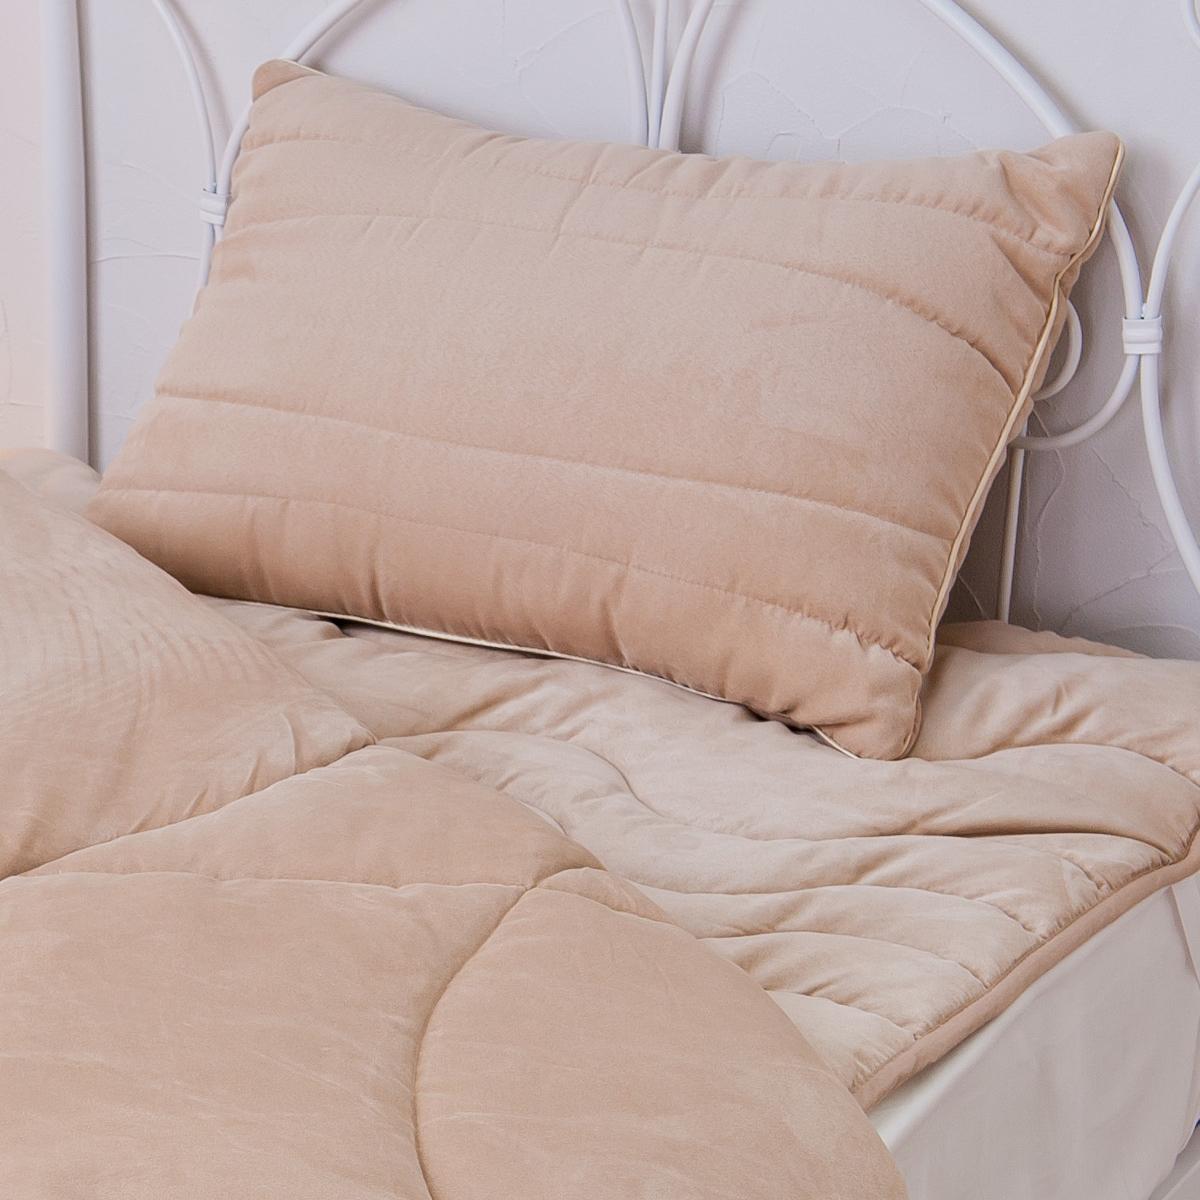 深呼吸したくなる「寝具」|オーバーレイマットレス(シングル)抗菌機能と乾きやすさを兼ね備えた、丸洗い可能な寝具|ベルクラウド